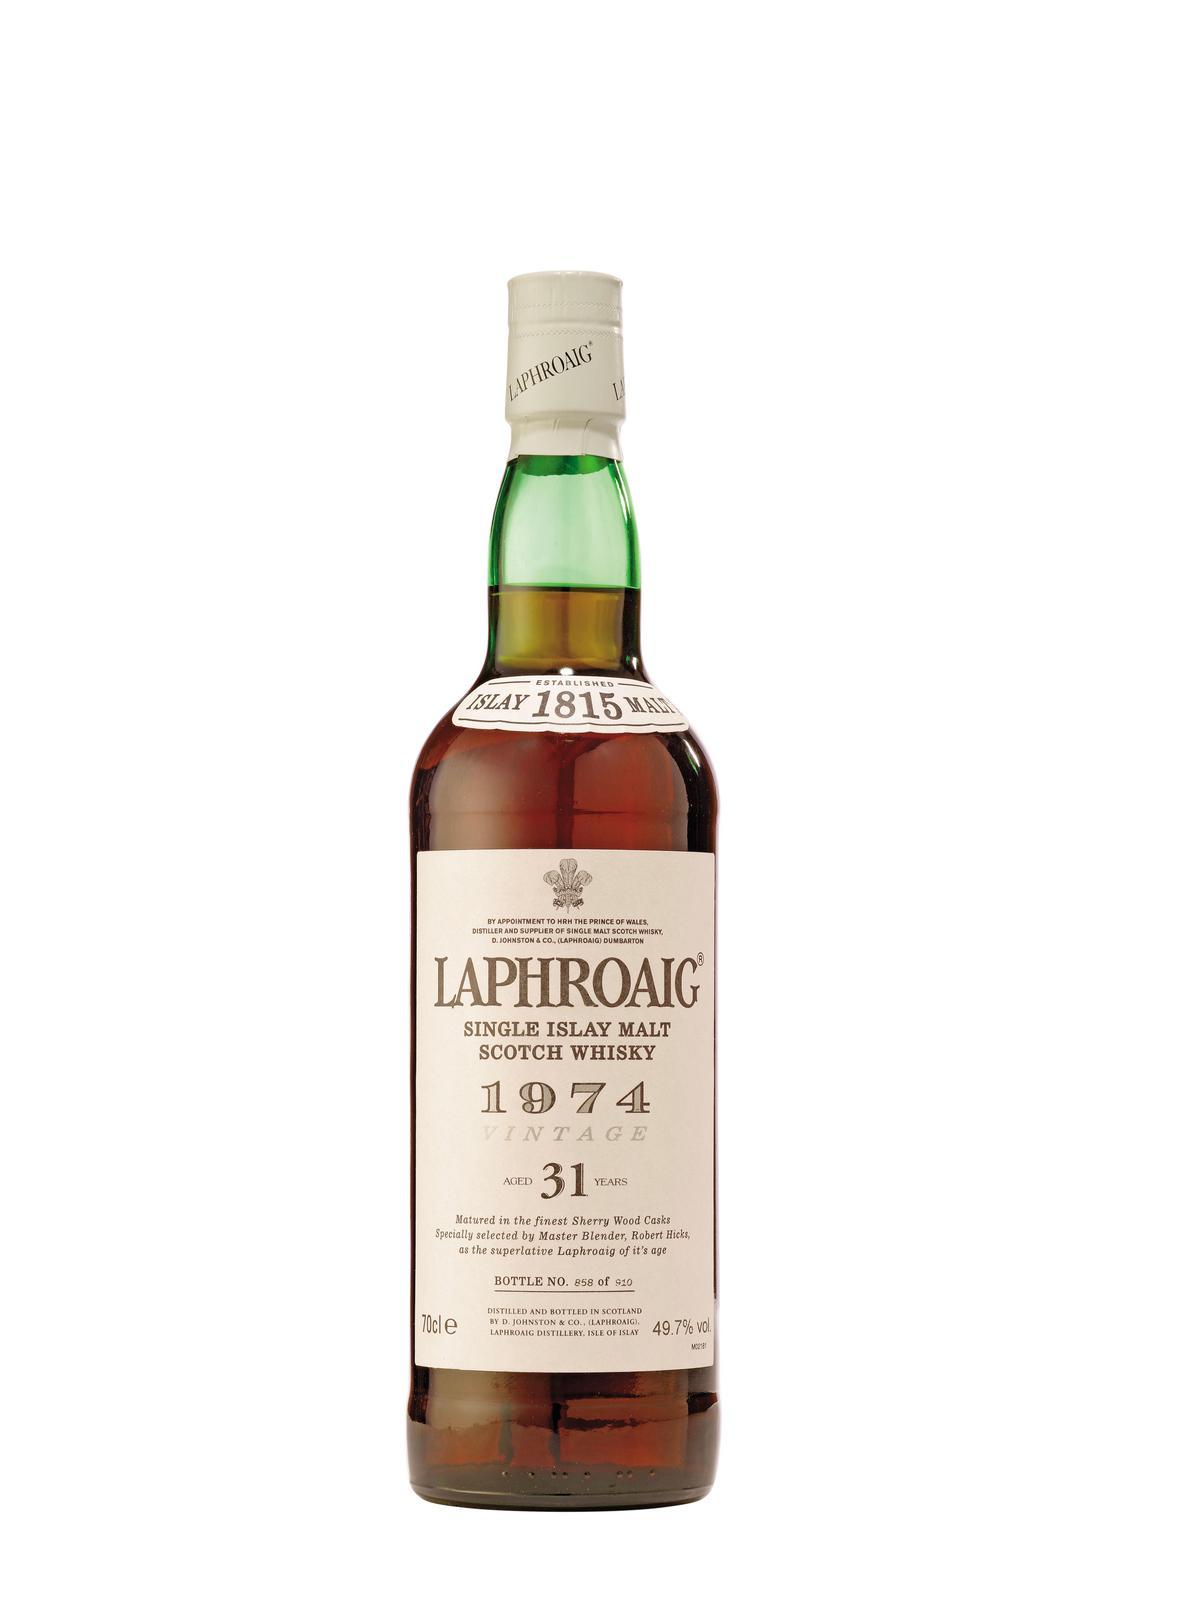 拉弗格1974年蒸餾入桶的年分老酒,酒標上另外標示陳年31年,拍賣等級的酒款。